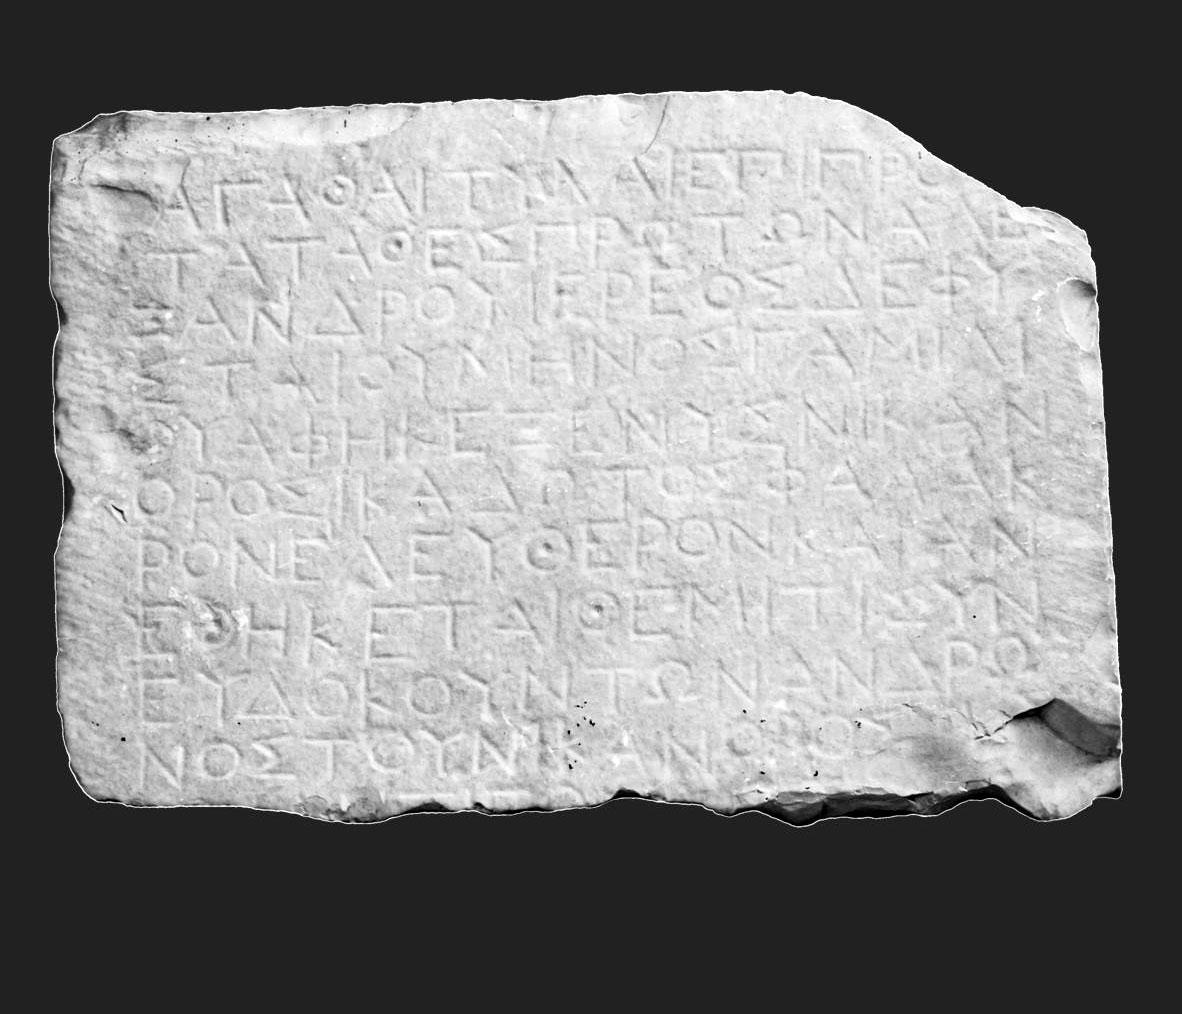 Λίθινη στήλη με απελευθερωτική επιγραφή, που βρέθηκε το 1960 στην ευρύτερη περιοχή της Γκούμανης (αρχ. Γίτανα) και χρονολογείται στα μέσα του 4ου αι. π.Χ. Αρχαιολογικό Μουσείο Ηγουμενίτσας.